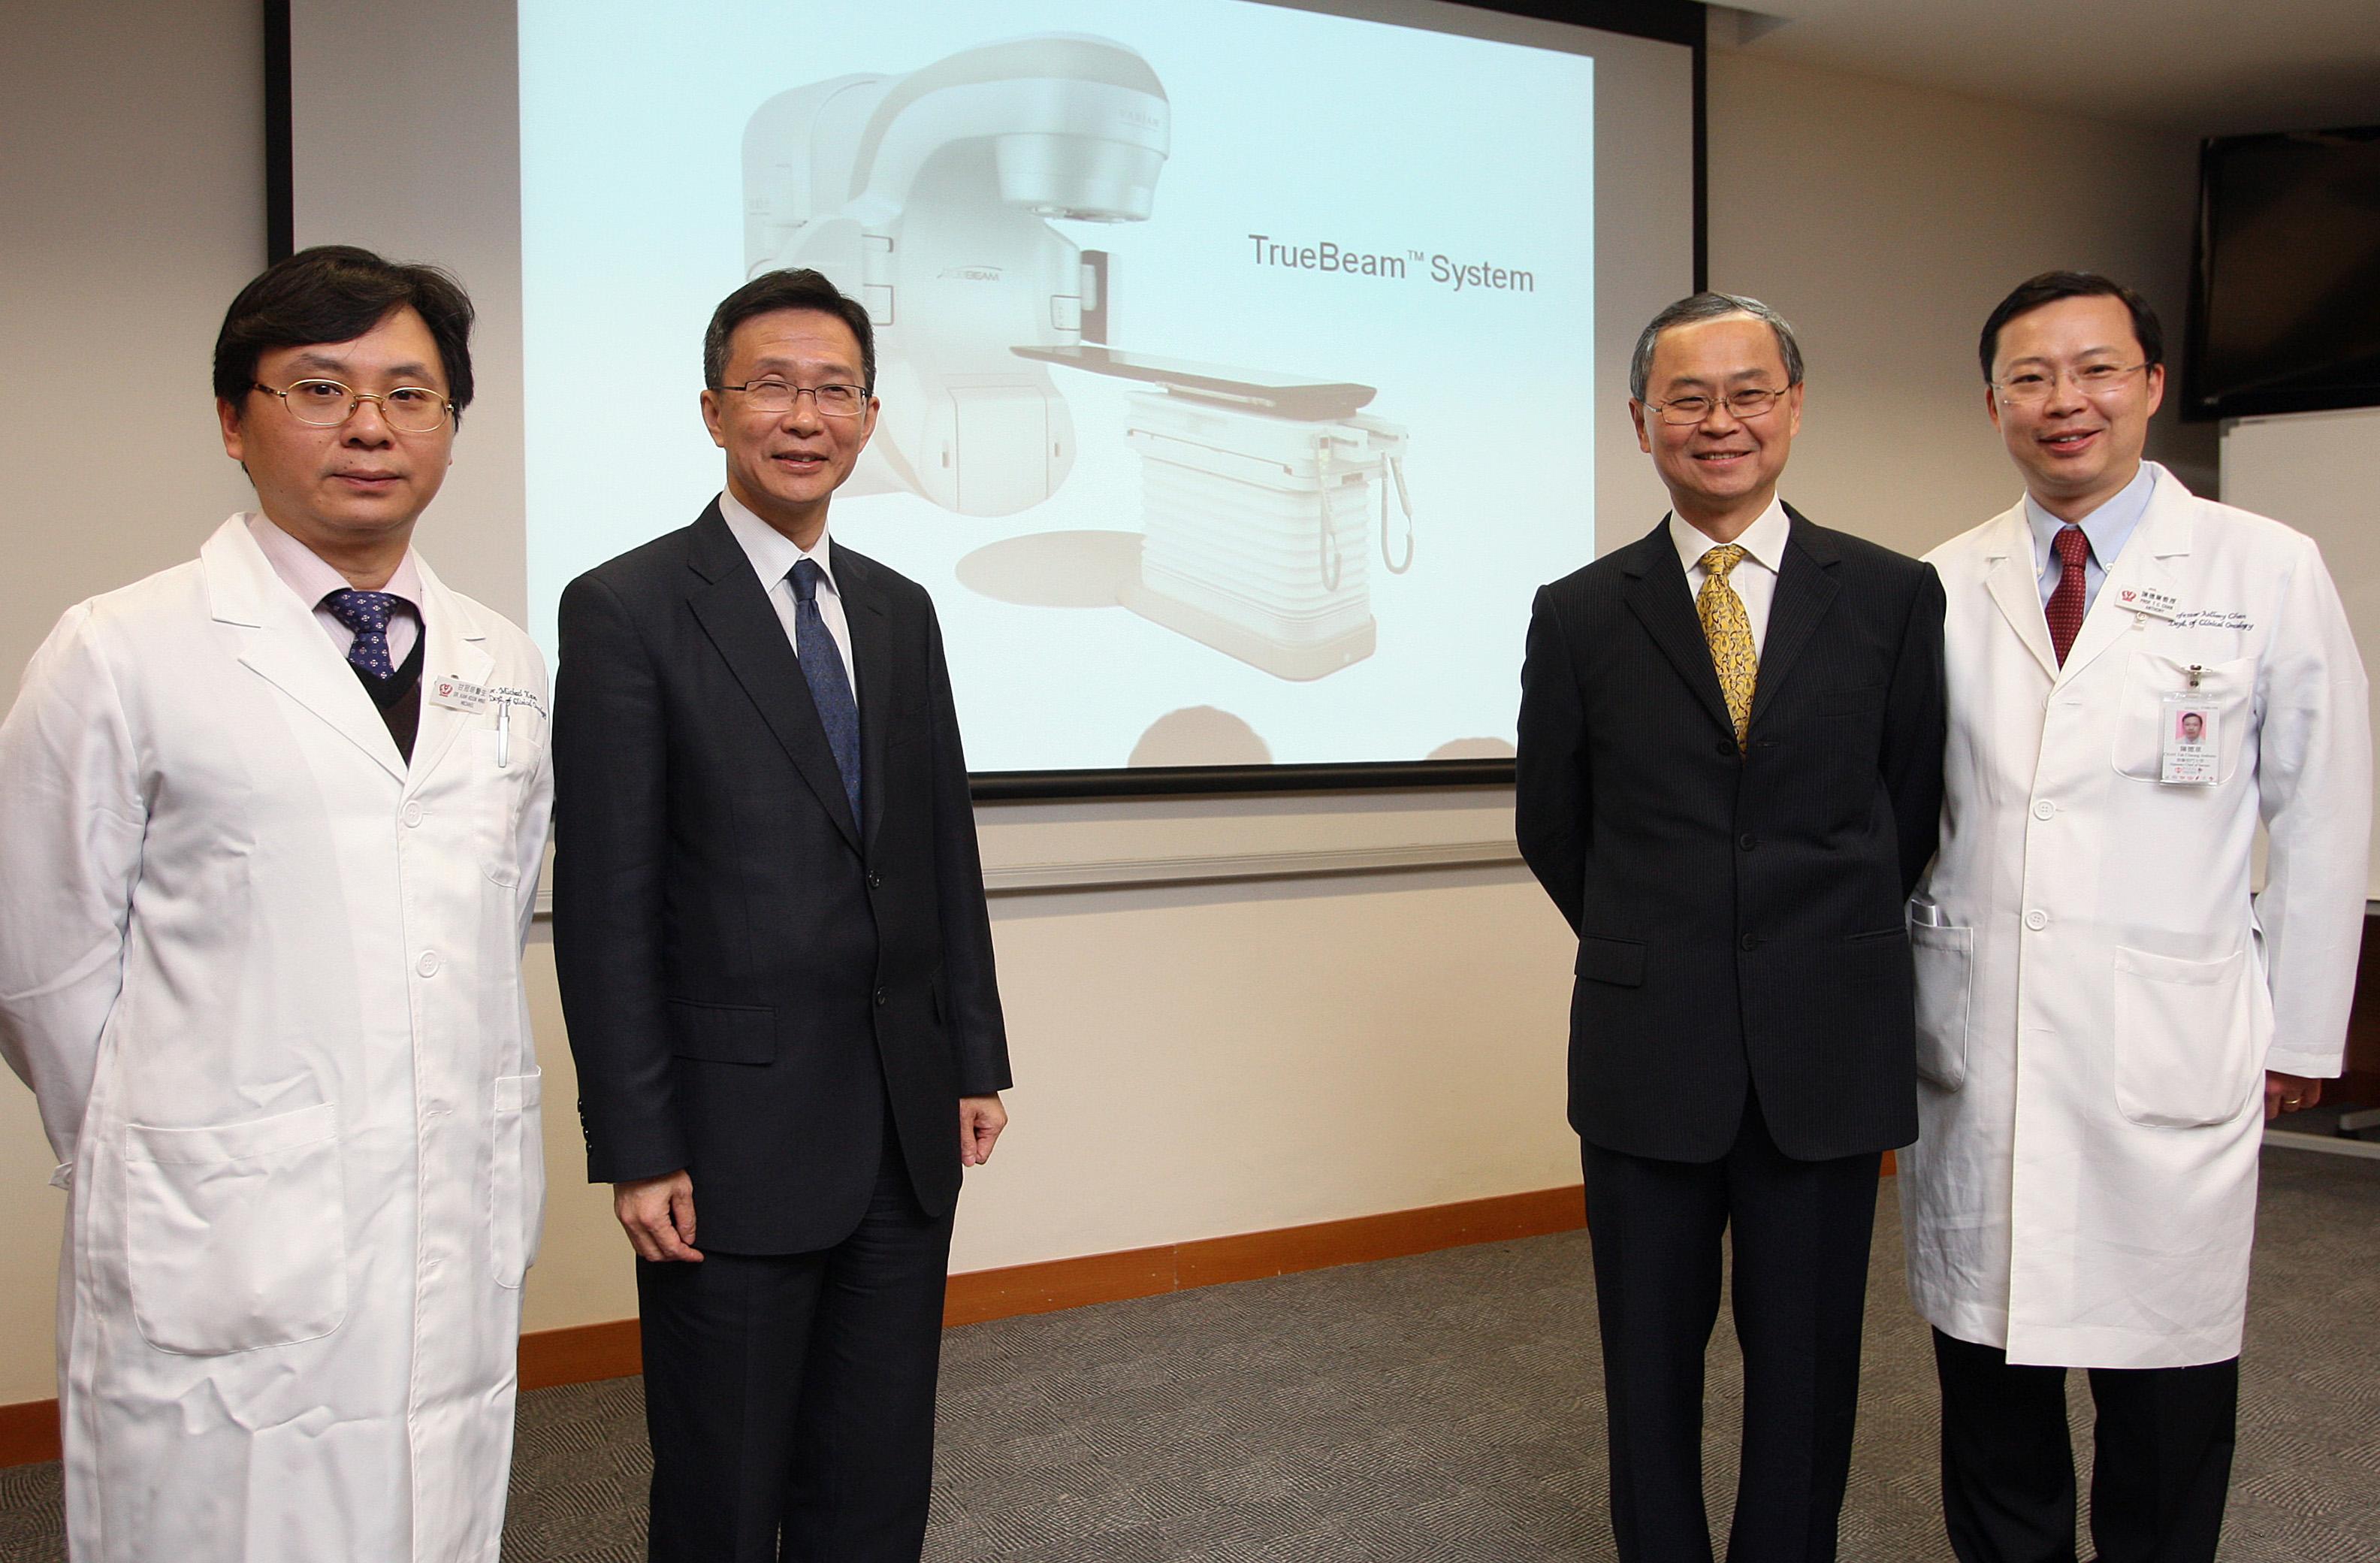 左起:威爾斯親王醫院臨床腫瘤科顧問醫生甘冠明醫生、威爾斯親王醫院行政總監馮康醫生、中大醫學院院長霍泰輝教授,以及中大腫瘤學系系主任陳德章教授。